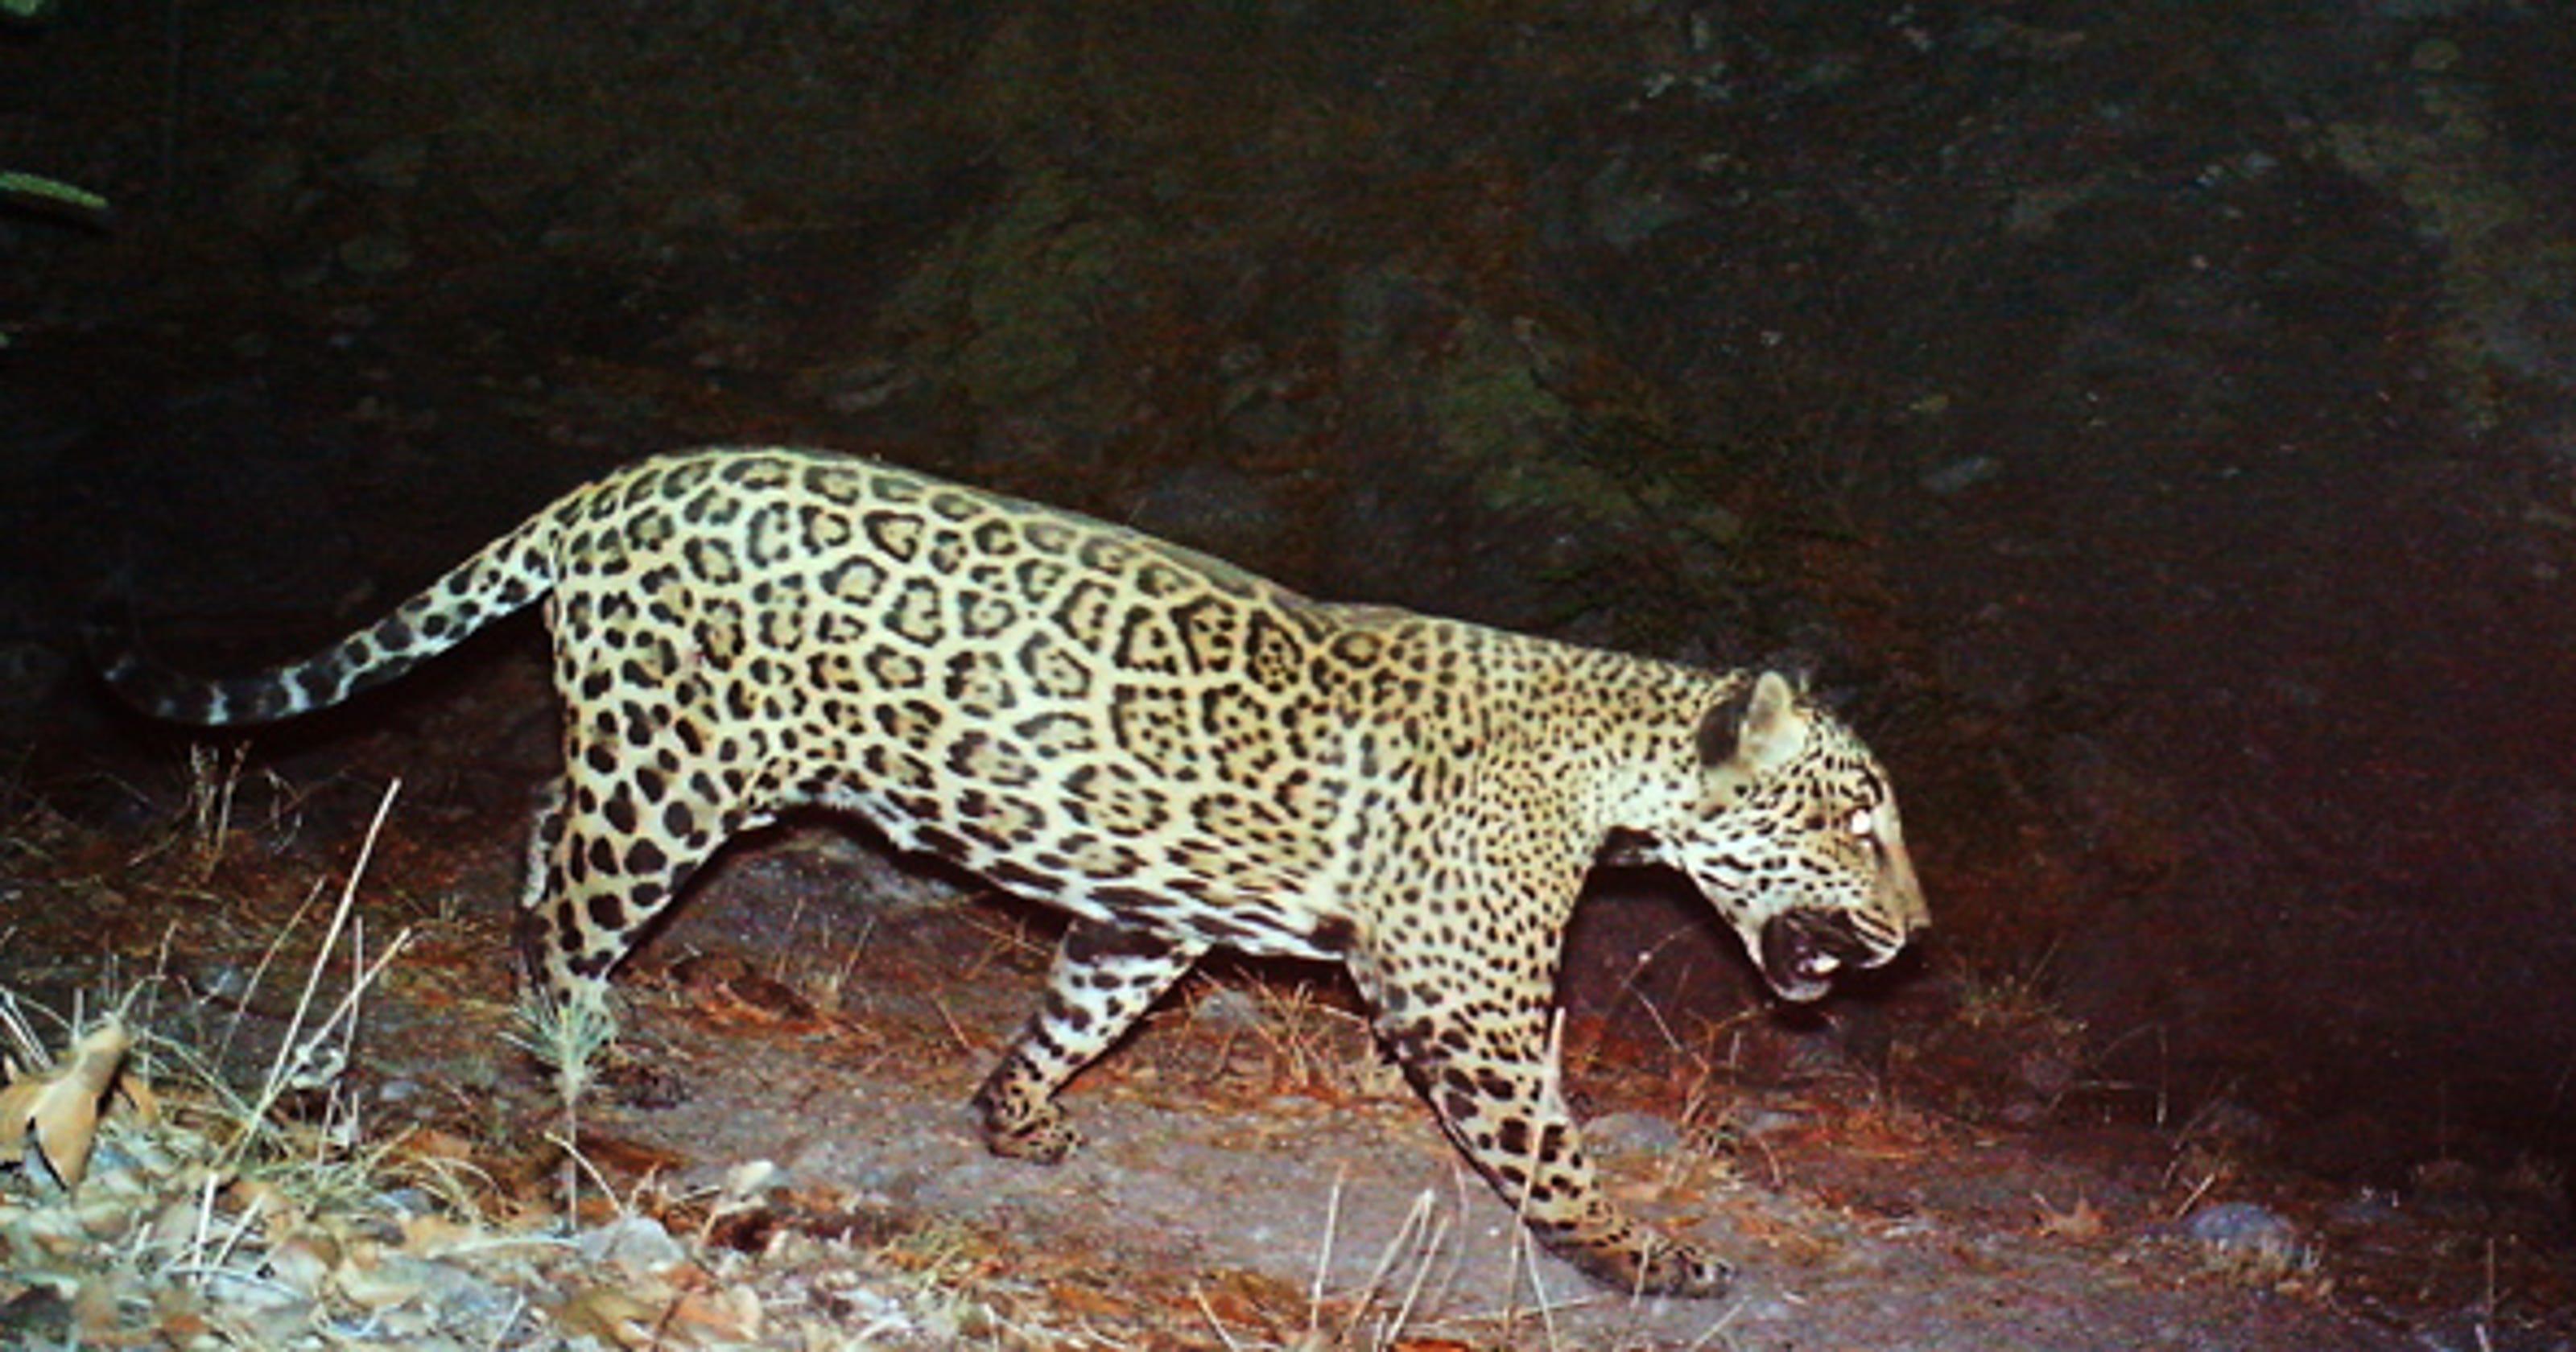 caught on camera: 'el jefe,' only known u.s. jaguar, filmed in